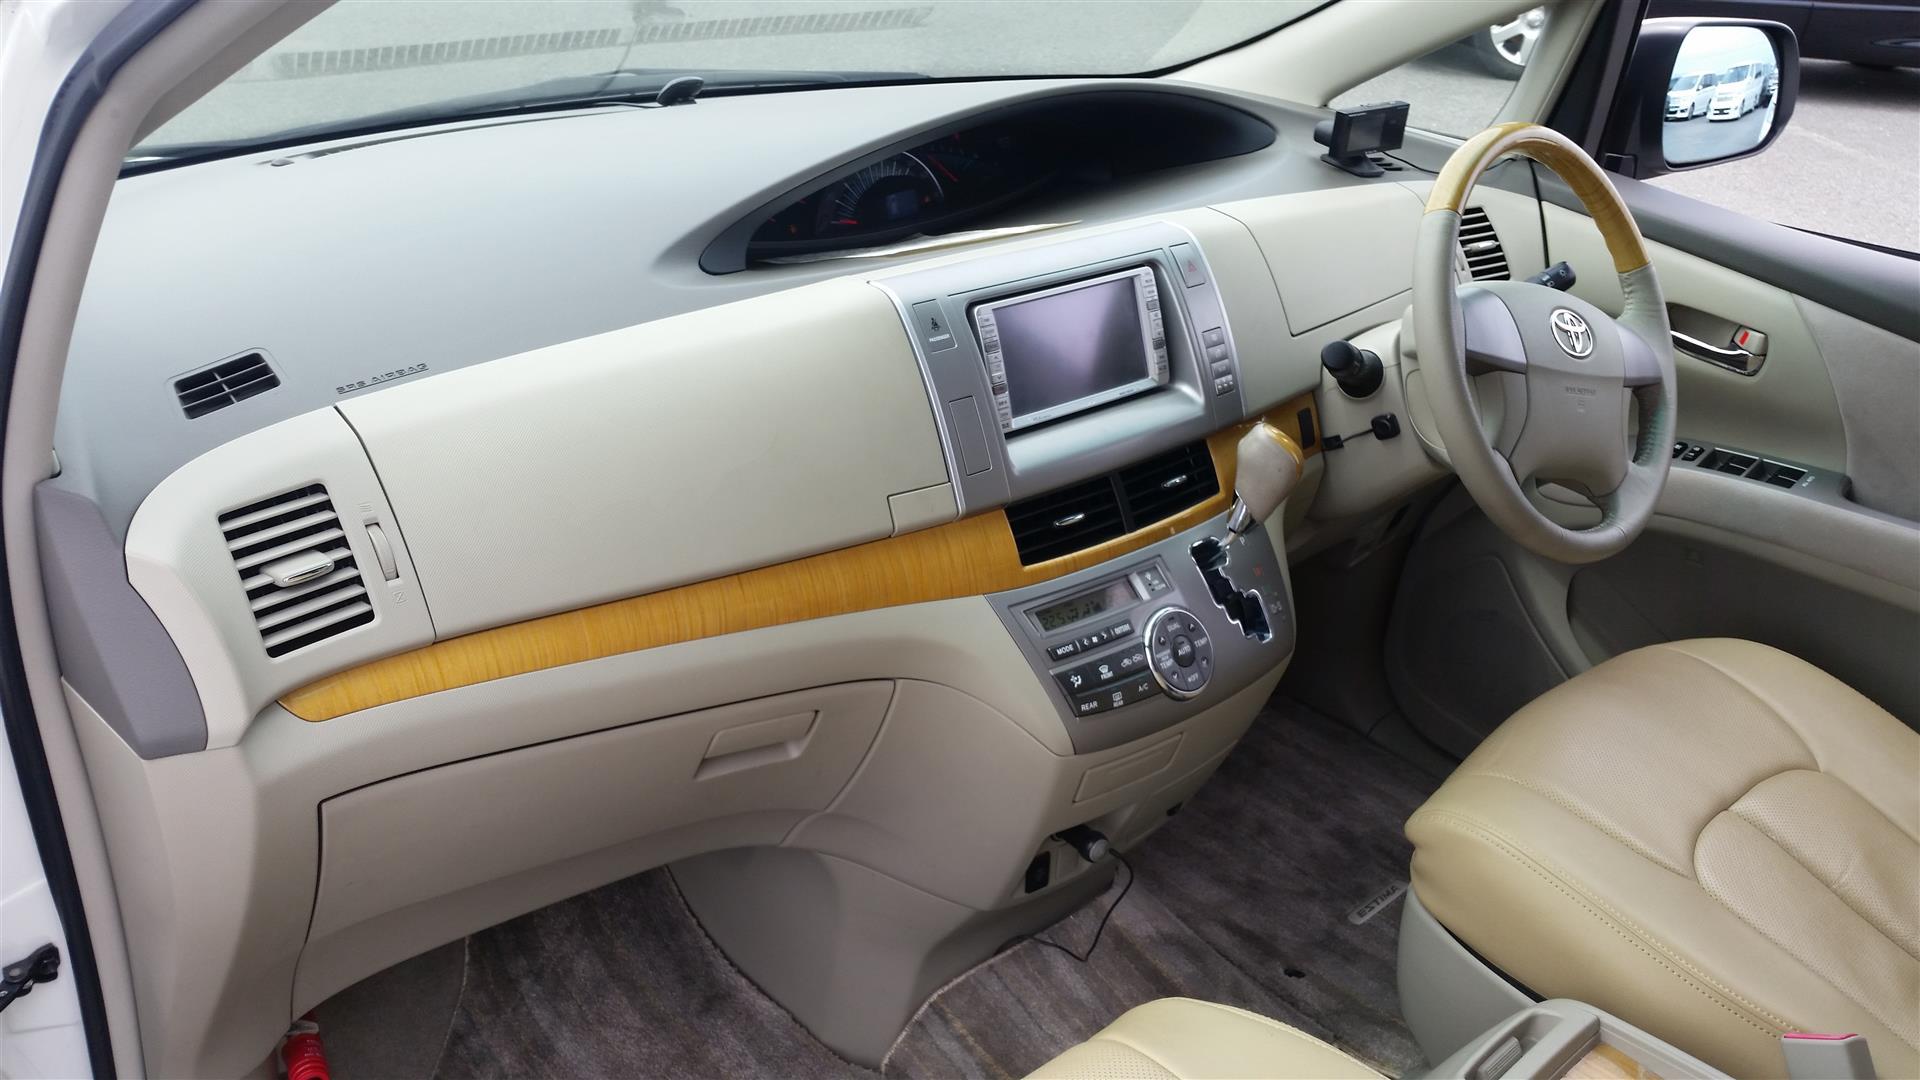 2008 Toyota Estima interior